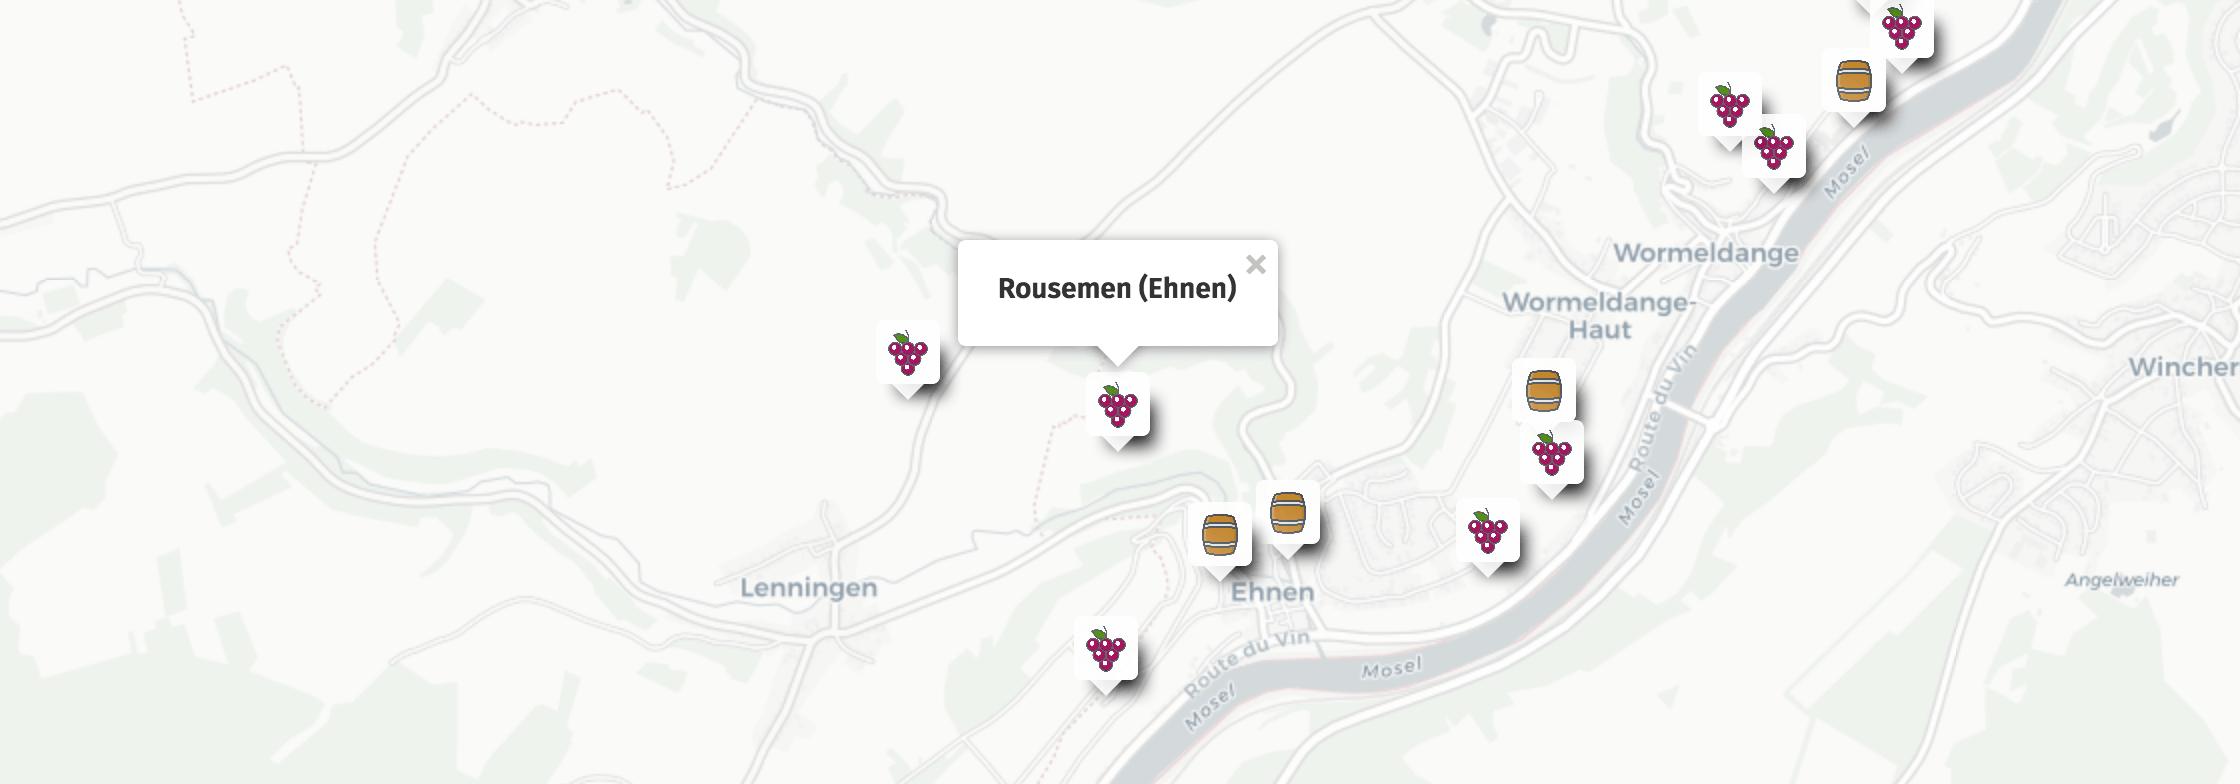 Geolocalisation des vins du Rousemen à Ehnen